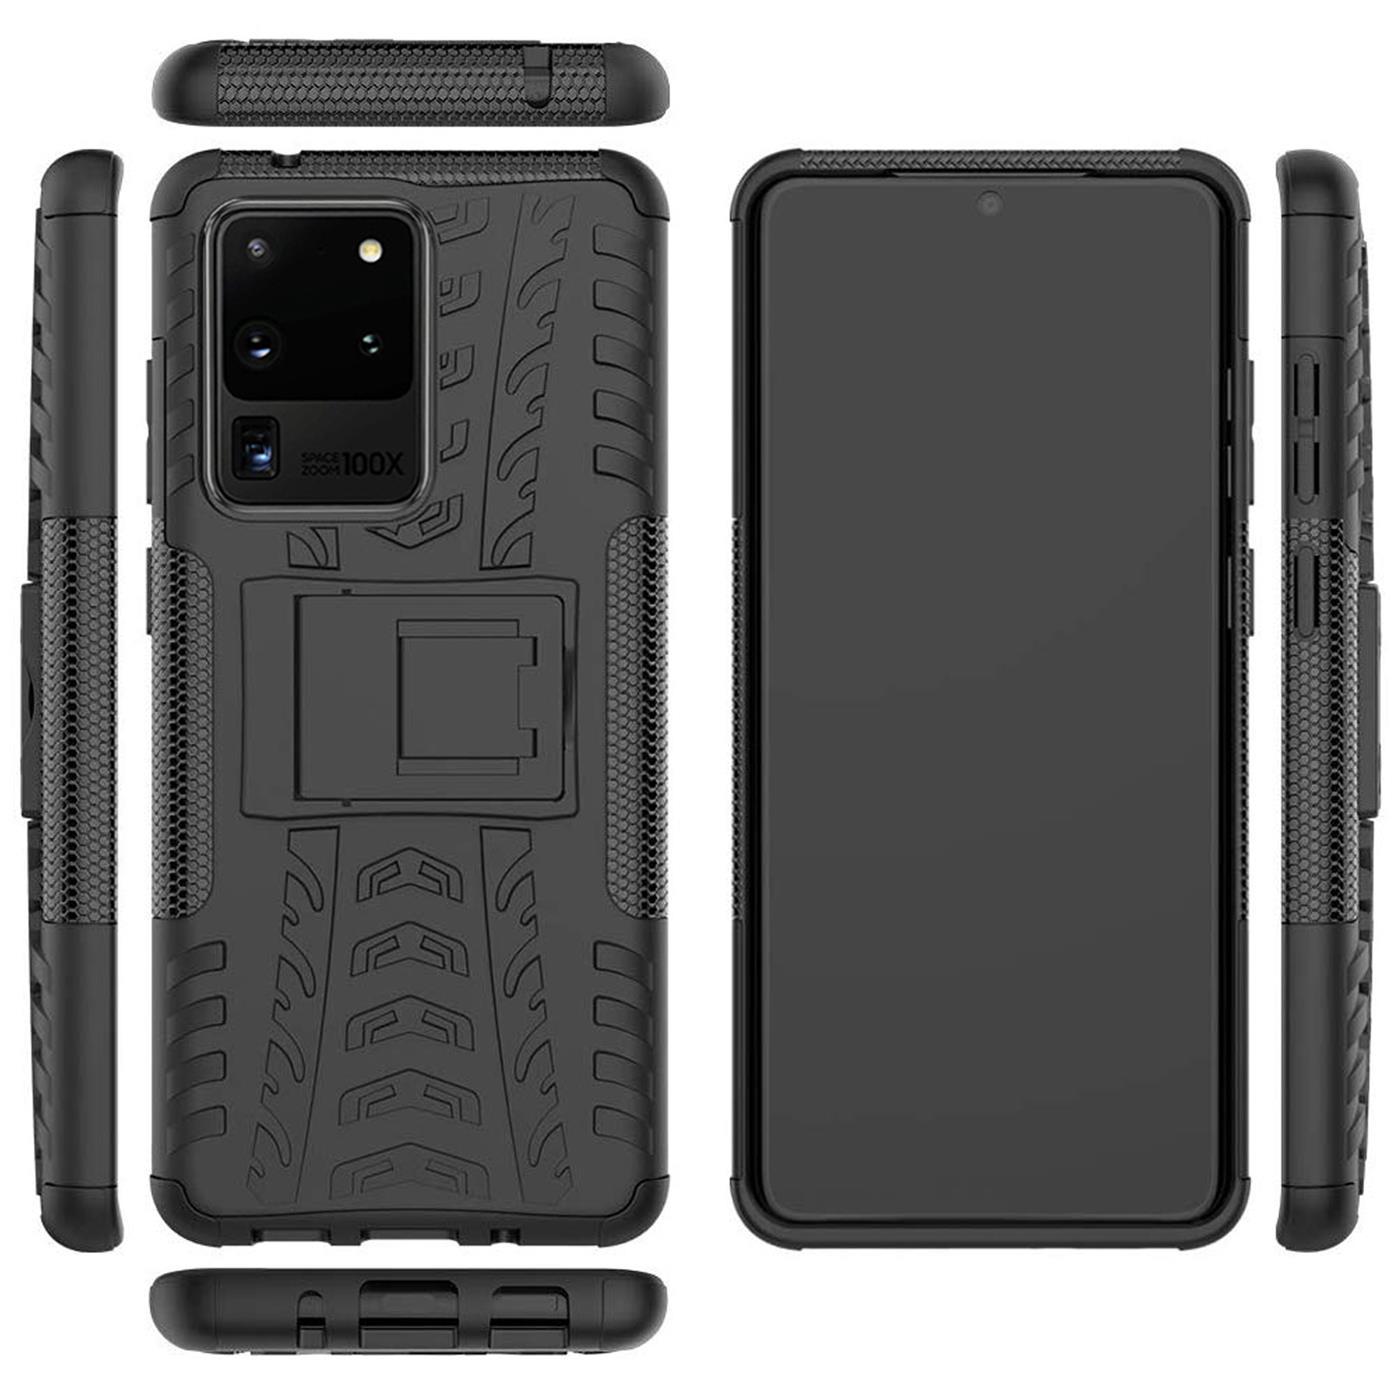 Samsung-Galaxy-S20-Serie-Schutzhuelle-Rugged-Handy-Tasche-Robust-Outdoor-Cover Indexbild 23